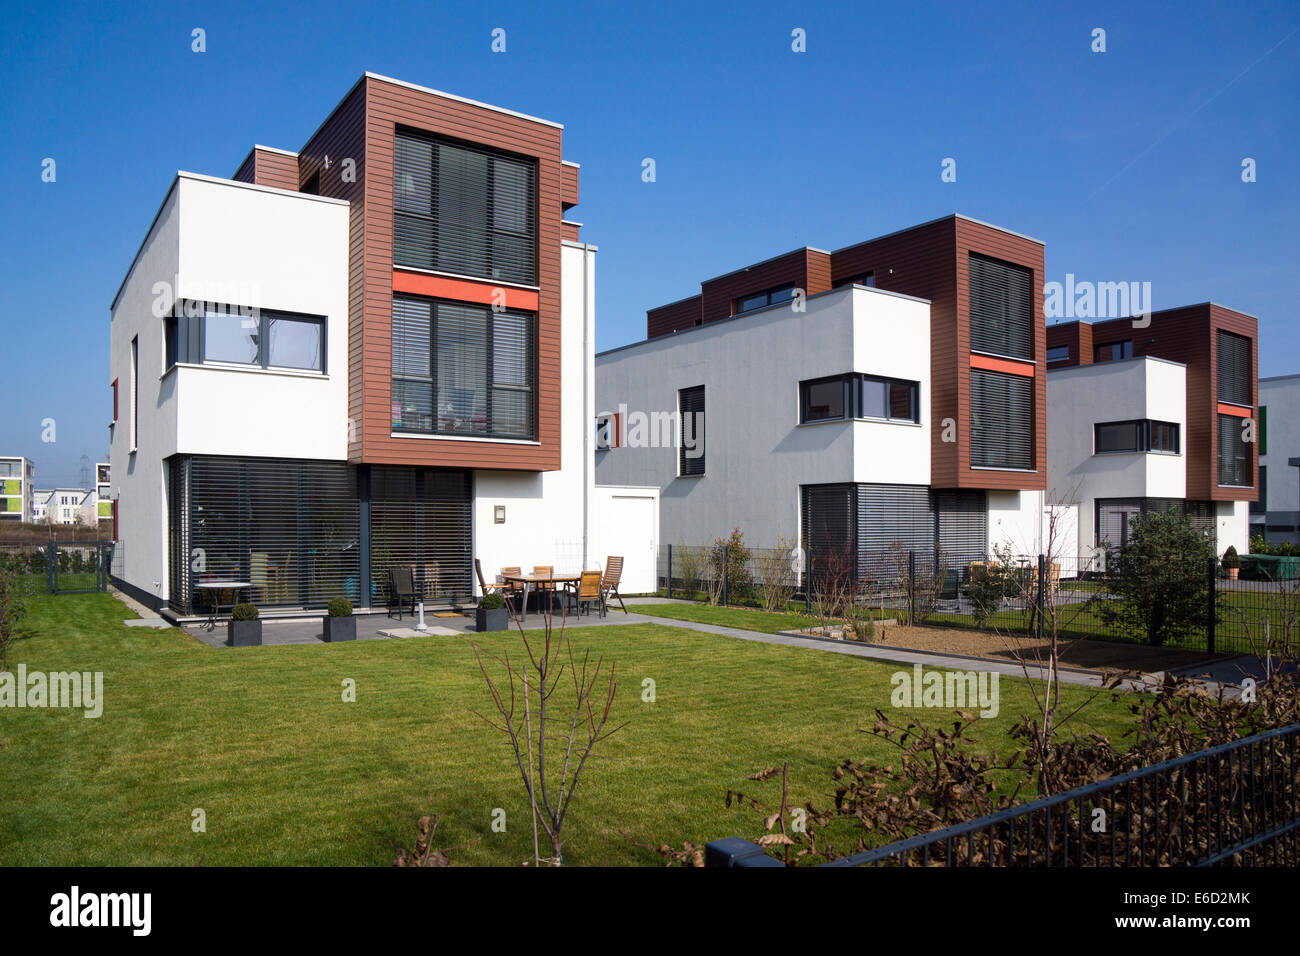 Bauhaus Architektur Design Bauhäuser Bauhaus Design Von: Casa Famiglia, Architettura Moderna In Stile Bauhaus